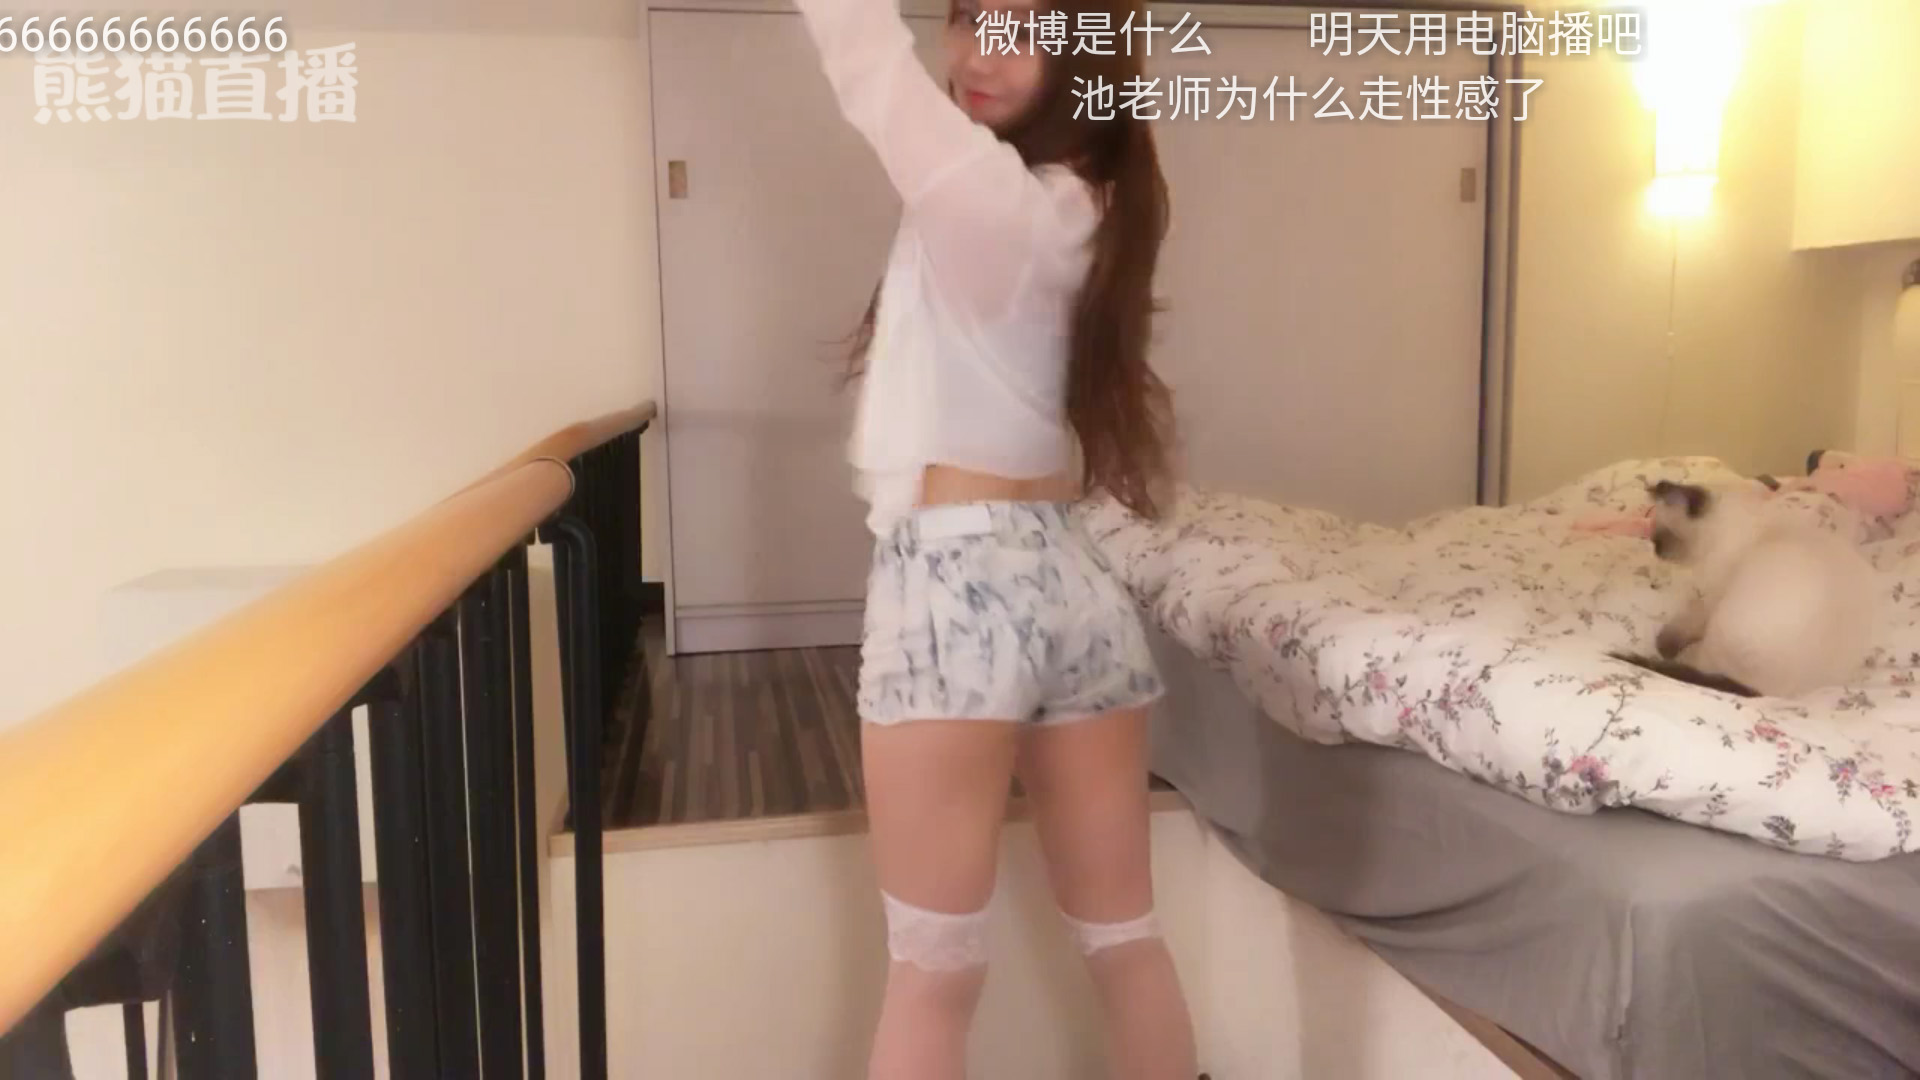 熊猫TV池老师精彩热裤尬舞